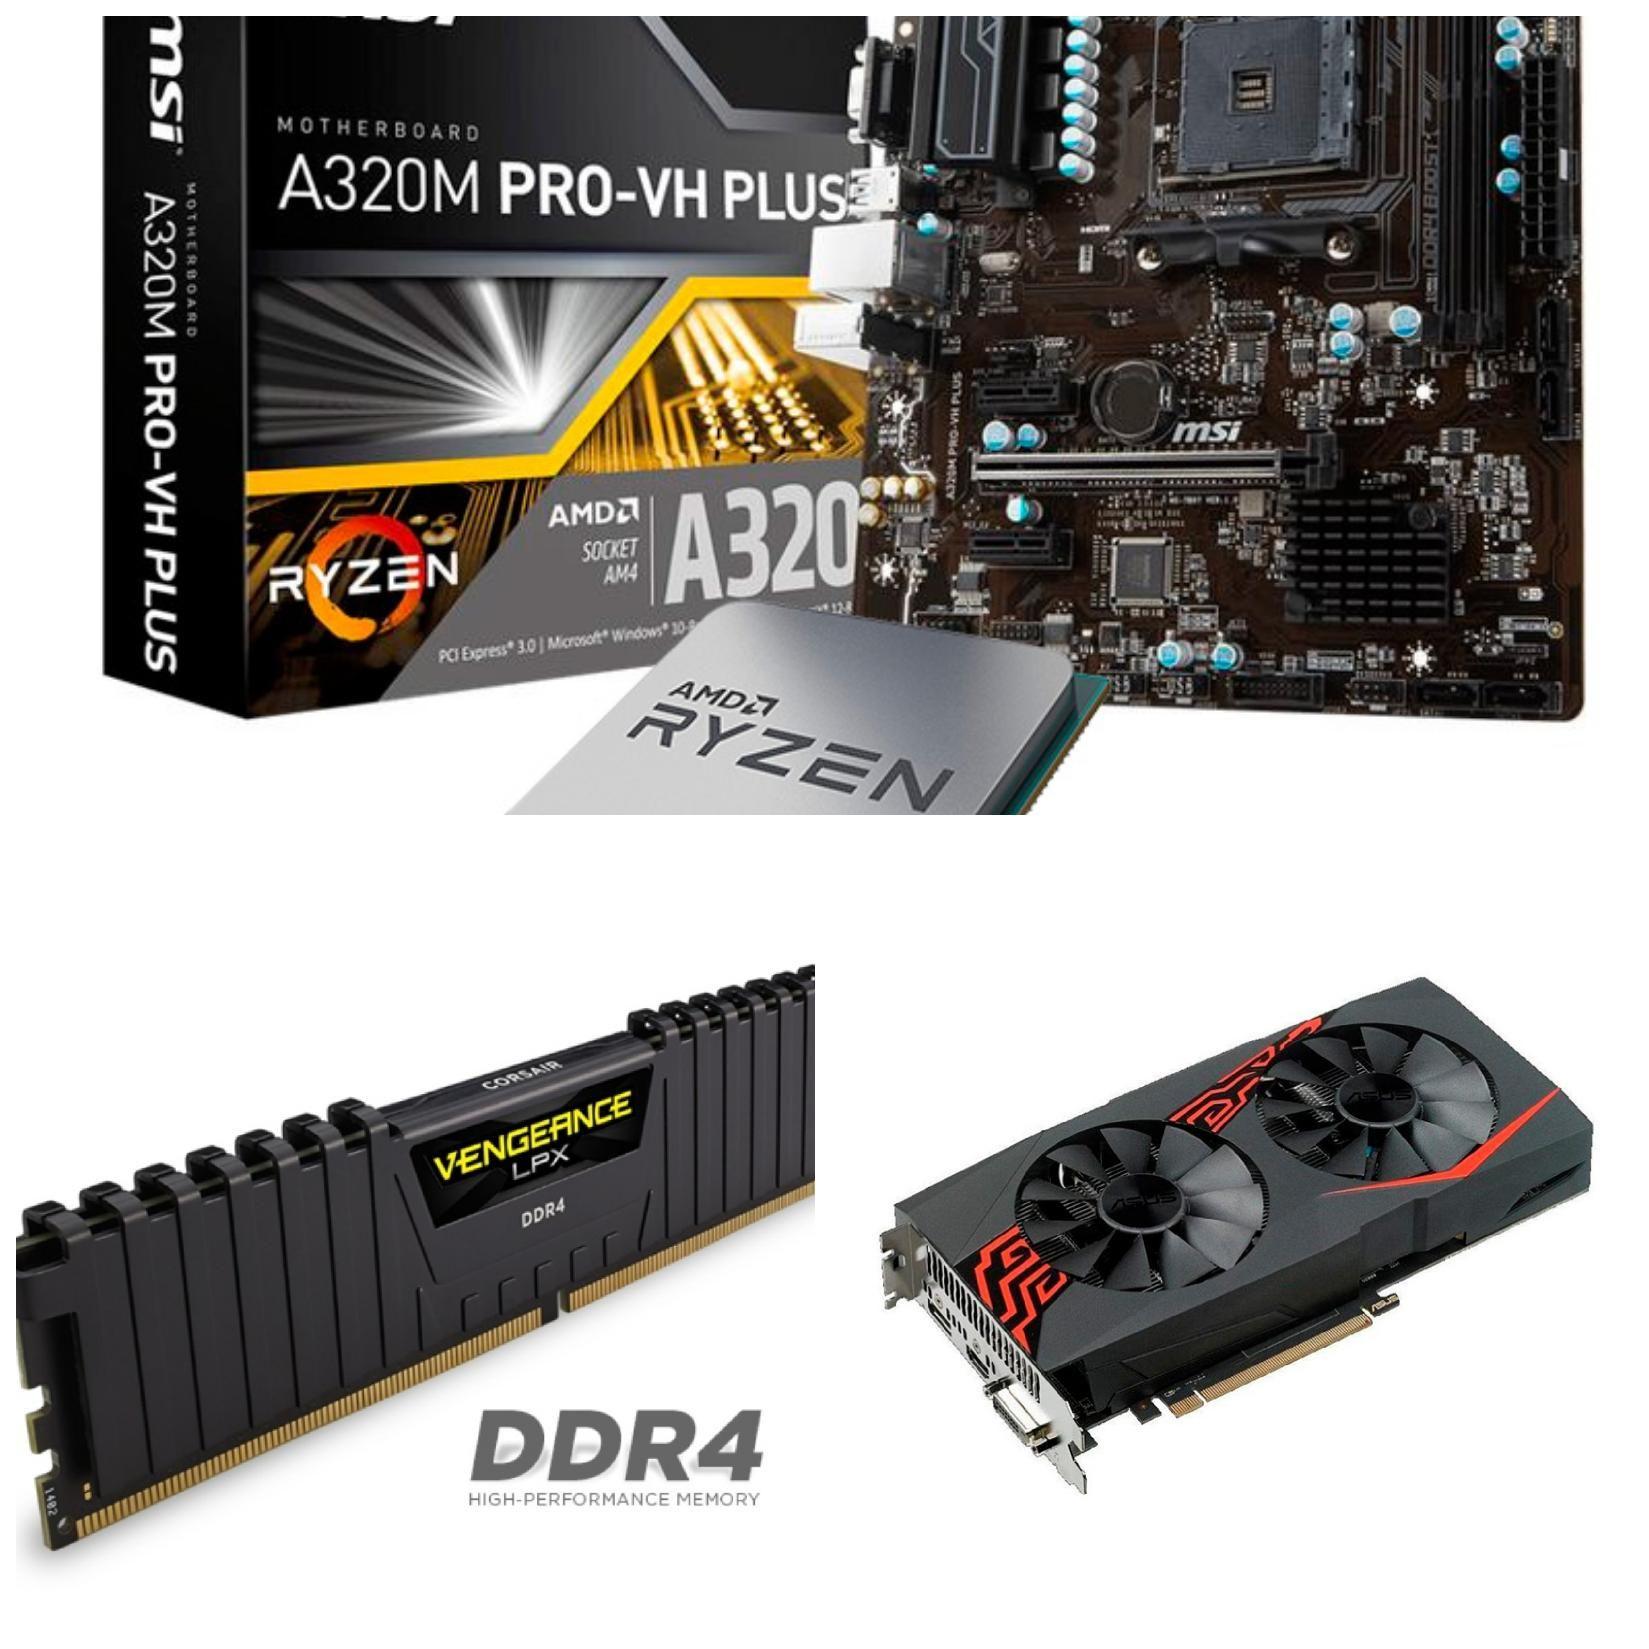 Kit Ampliación PC Gaming Básico: Placa + CPU + RAM + Gráfica